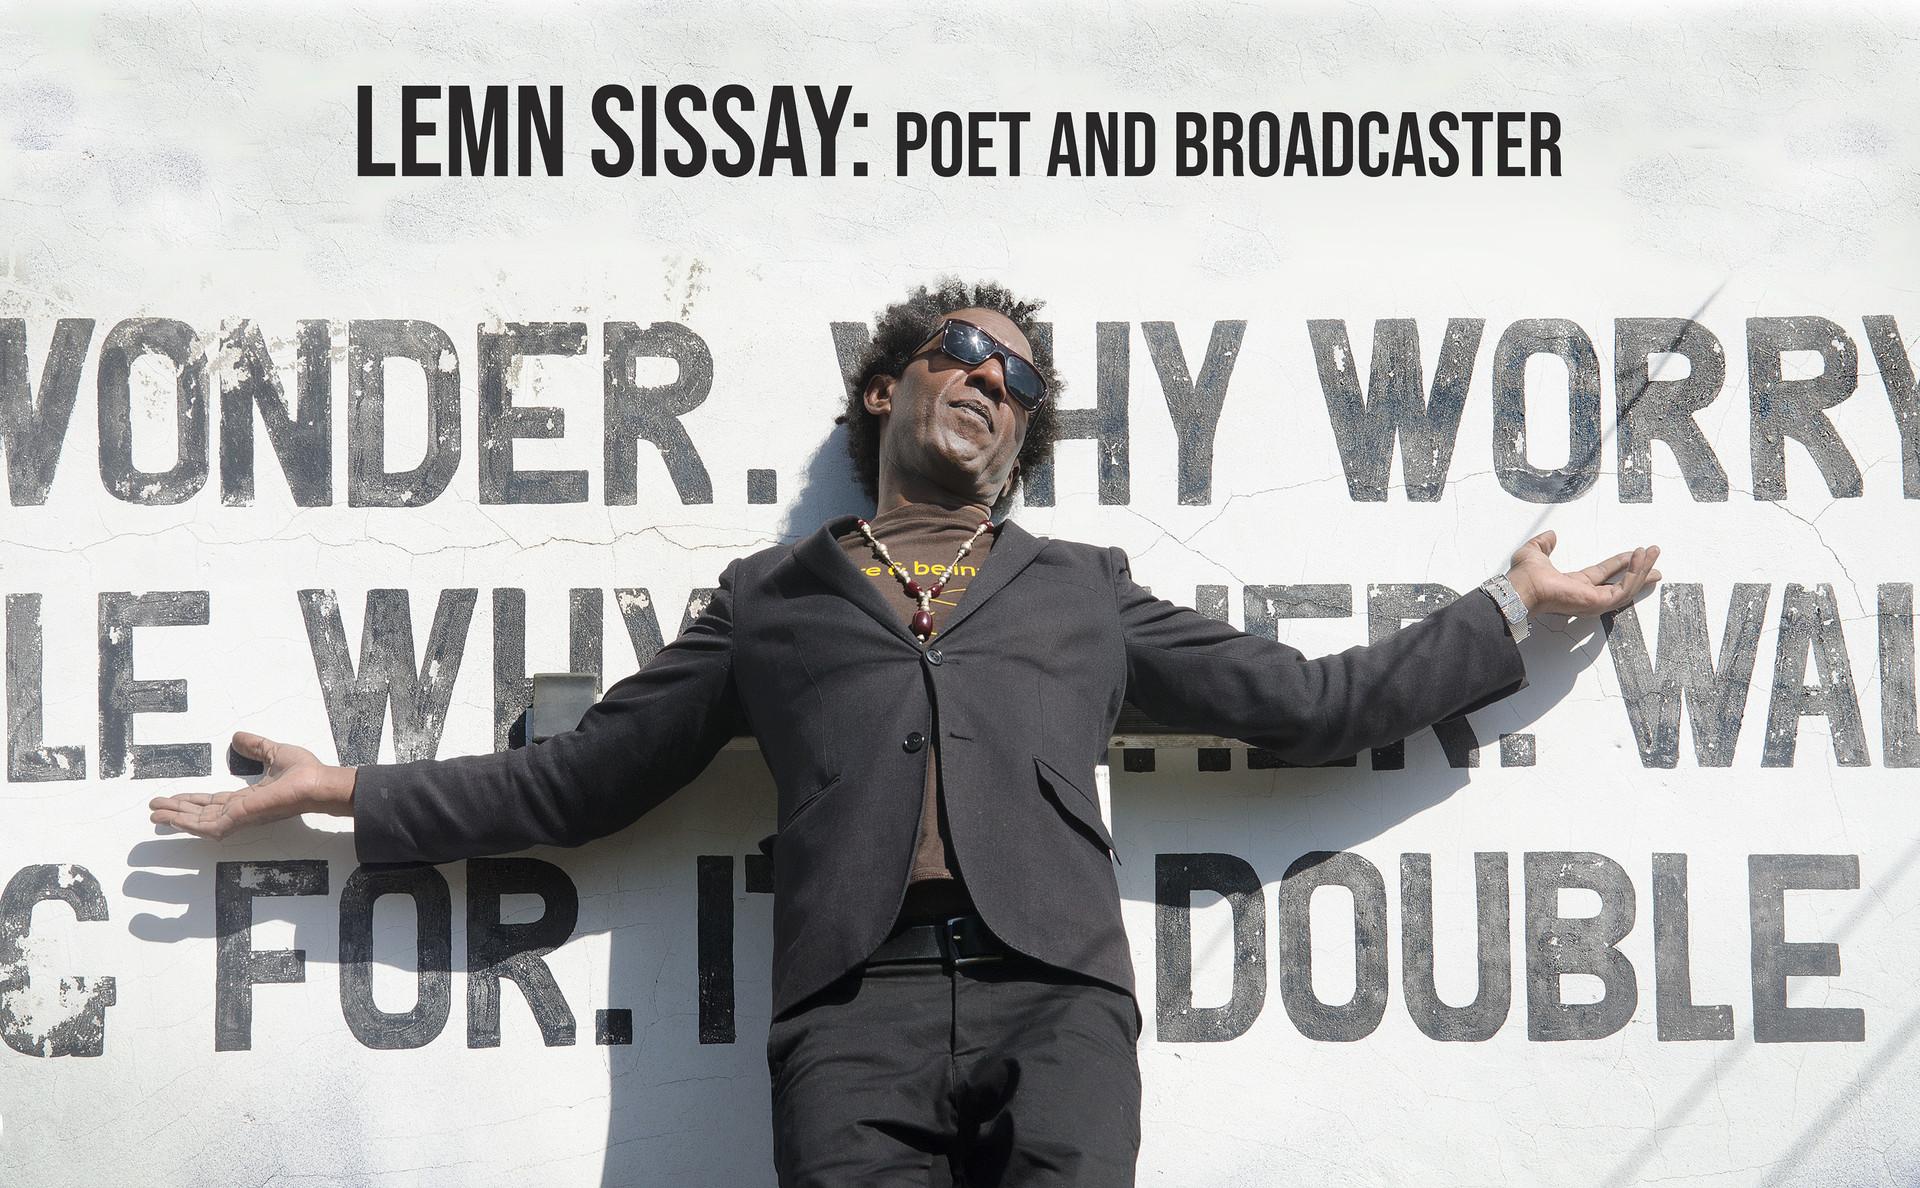 Harry-Lemn Sissay-Title.jpg